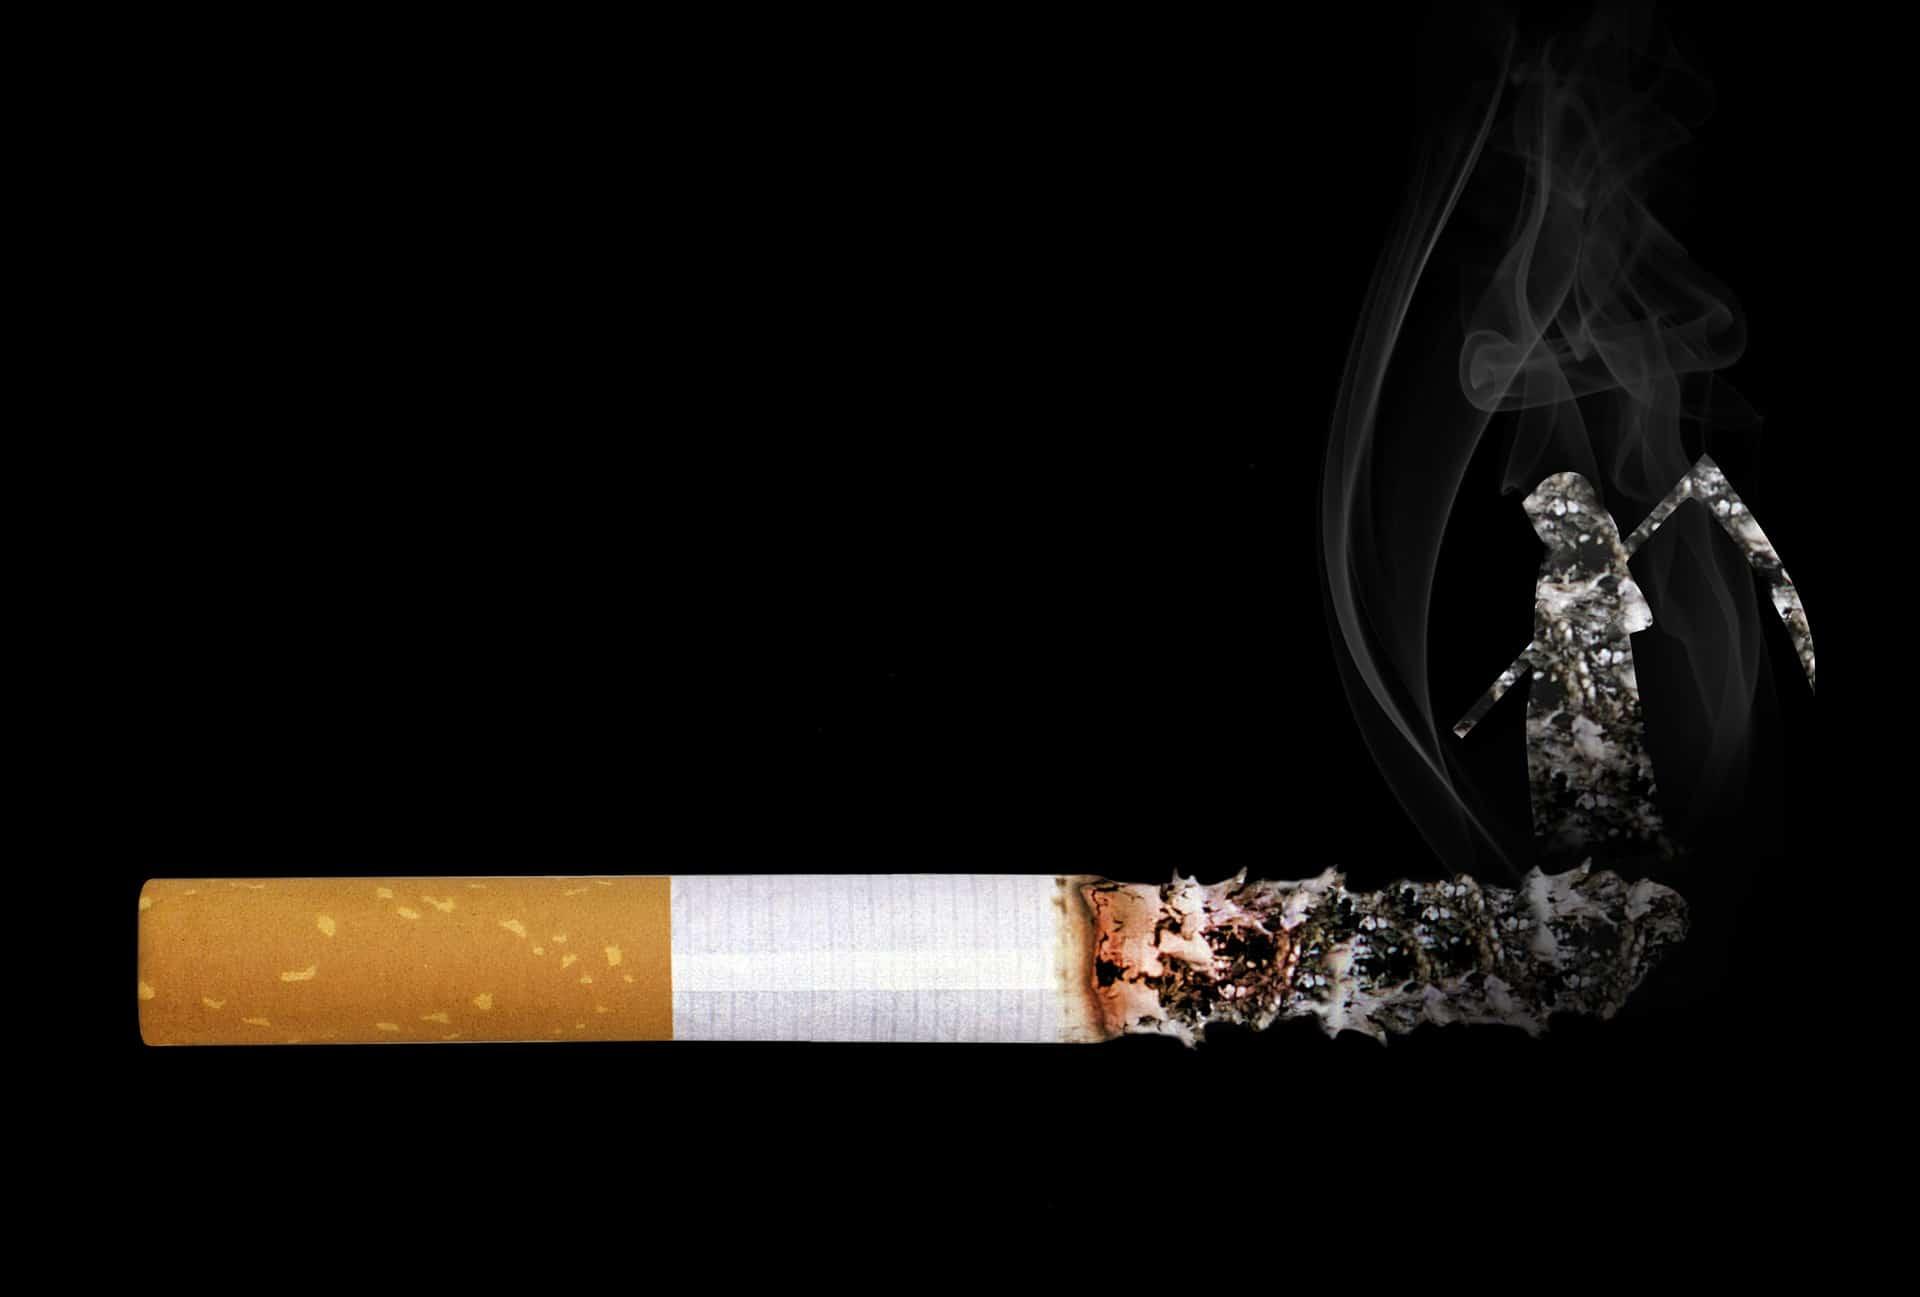 לדברי עורך הדין בכל שעה מת מישהו מעישון, צילום אילוסטרציה